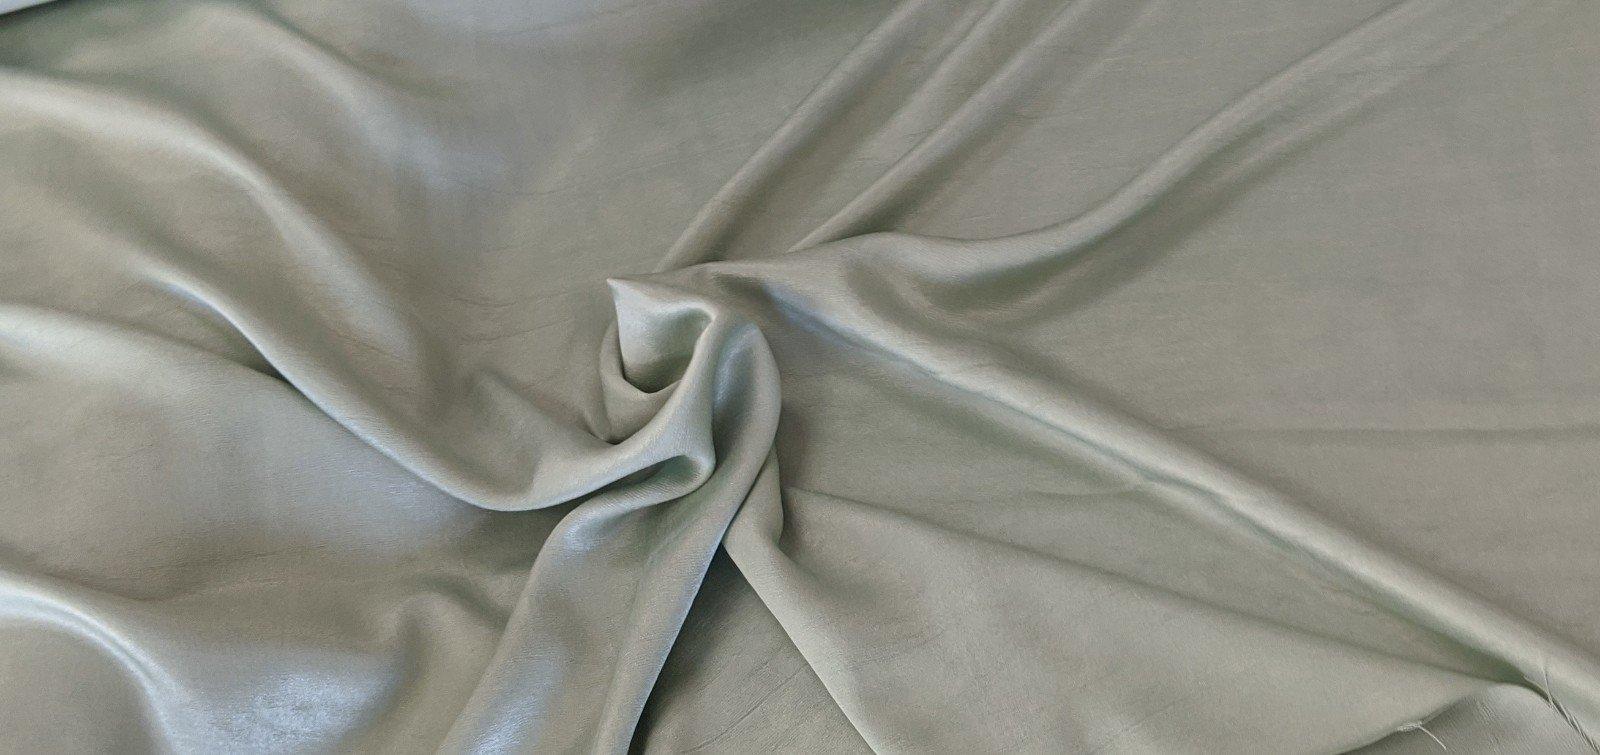 Rayon - Seafoam Green